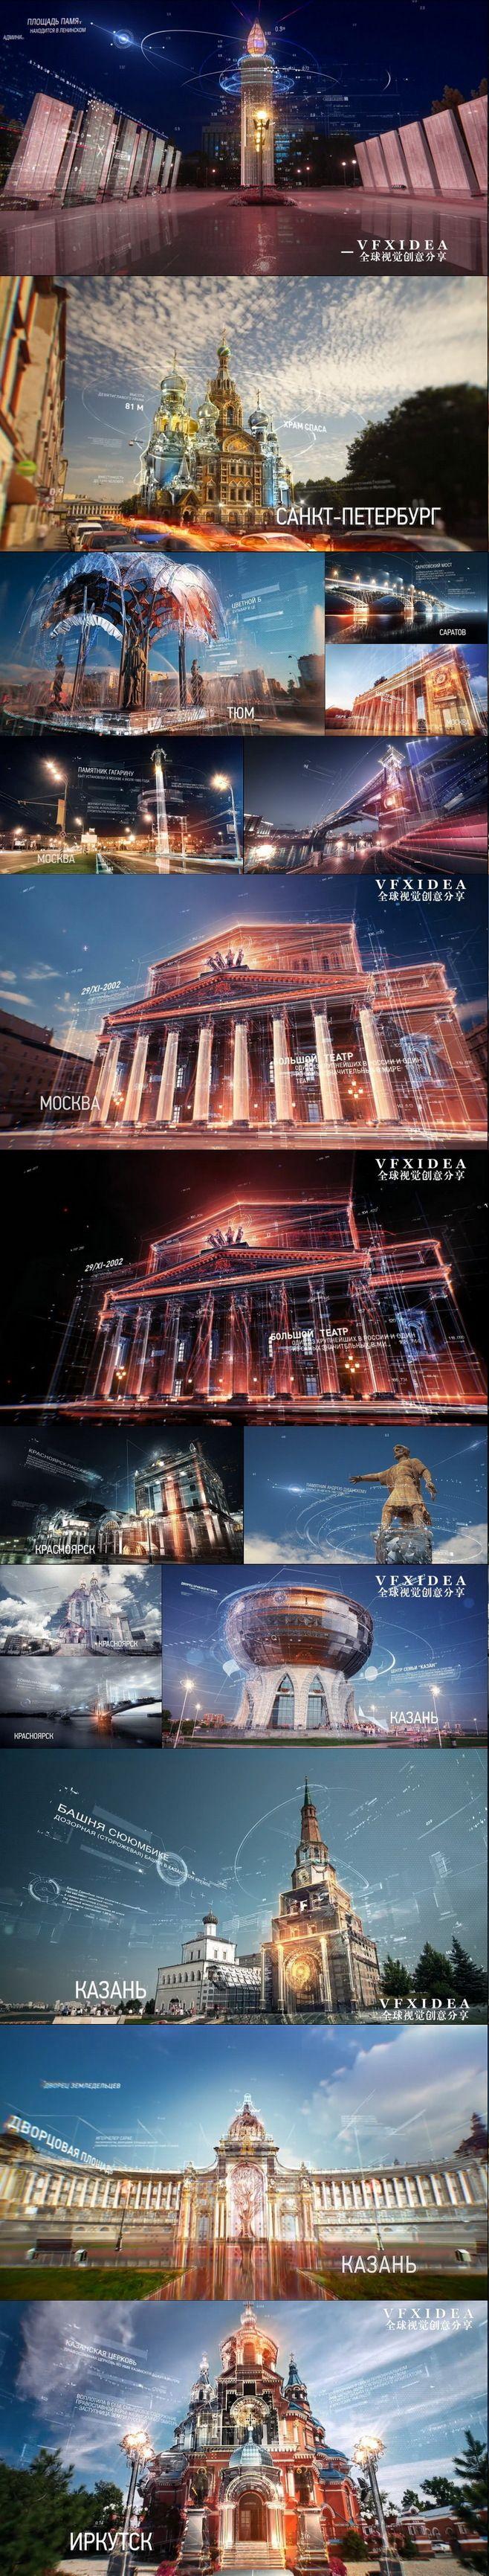 N3最新高科技创意线条城市名片介绍作品集...